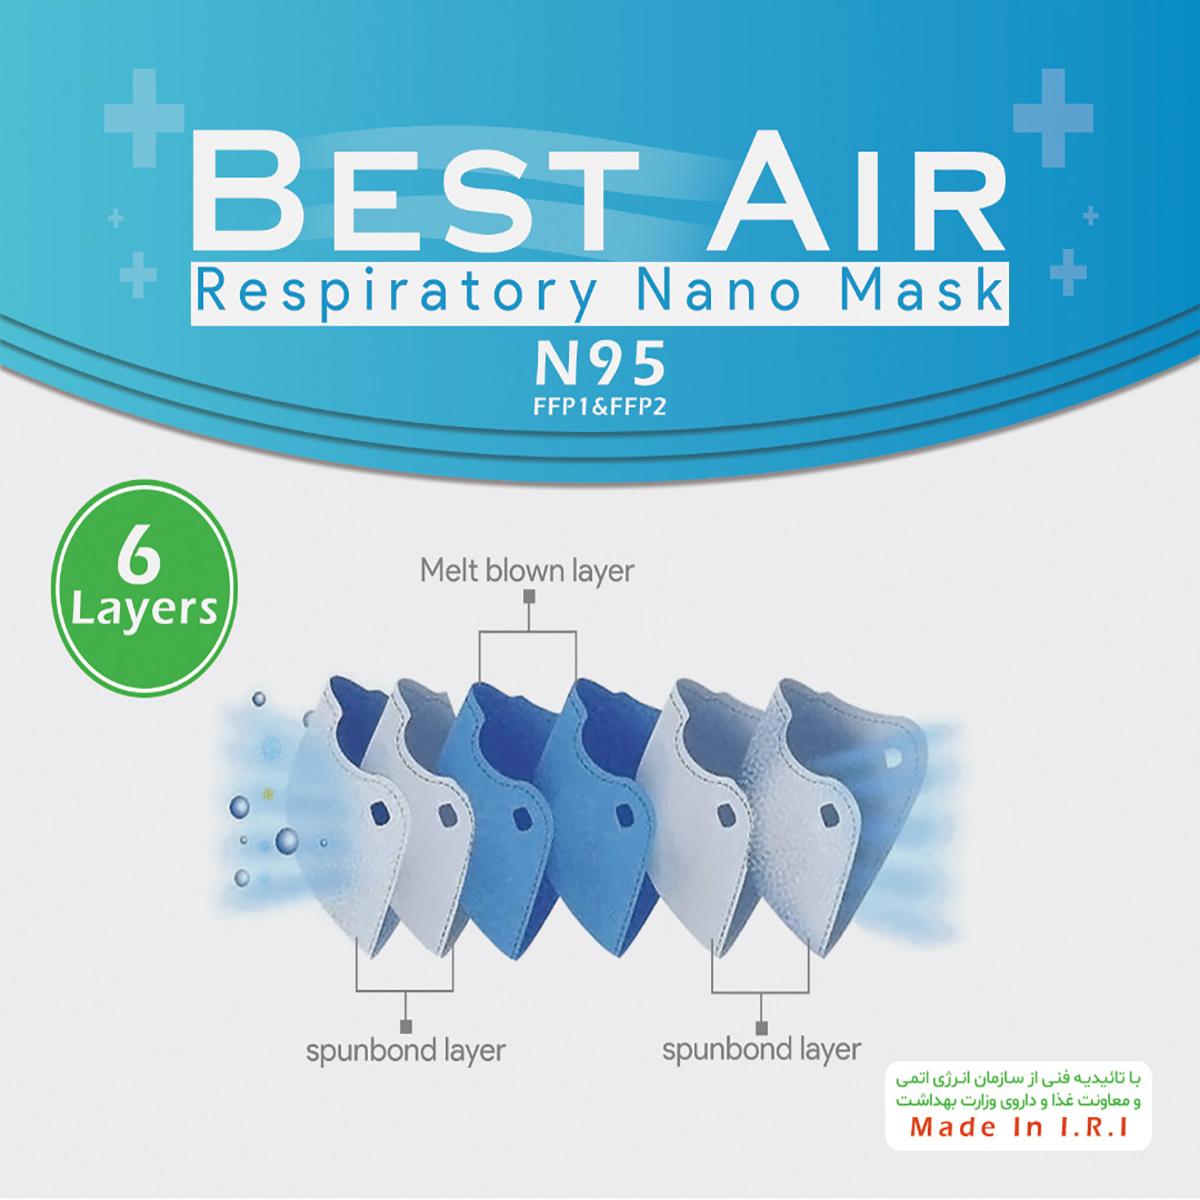 ماسک N95 – مایک شش لایه تنفسی – ۵ عدد